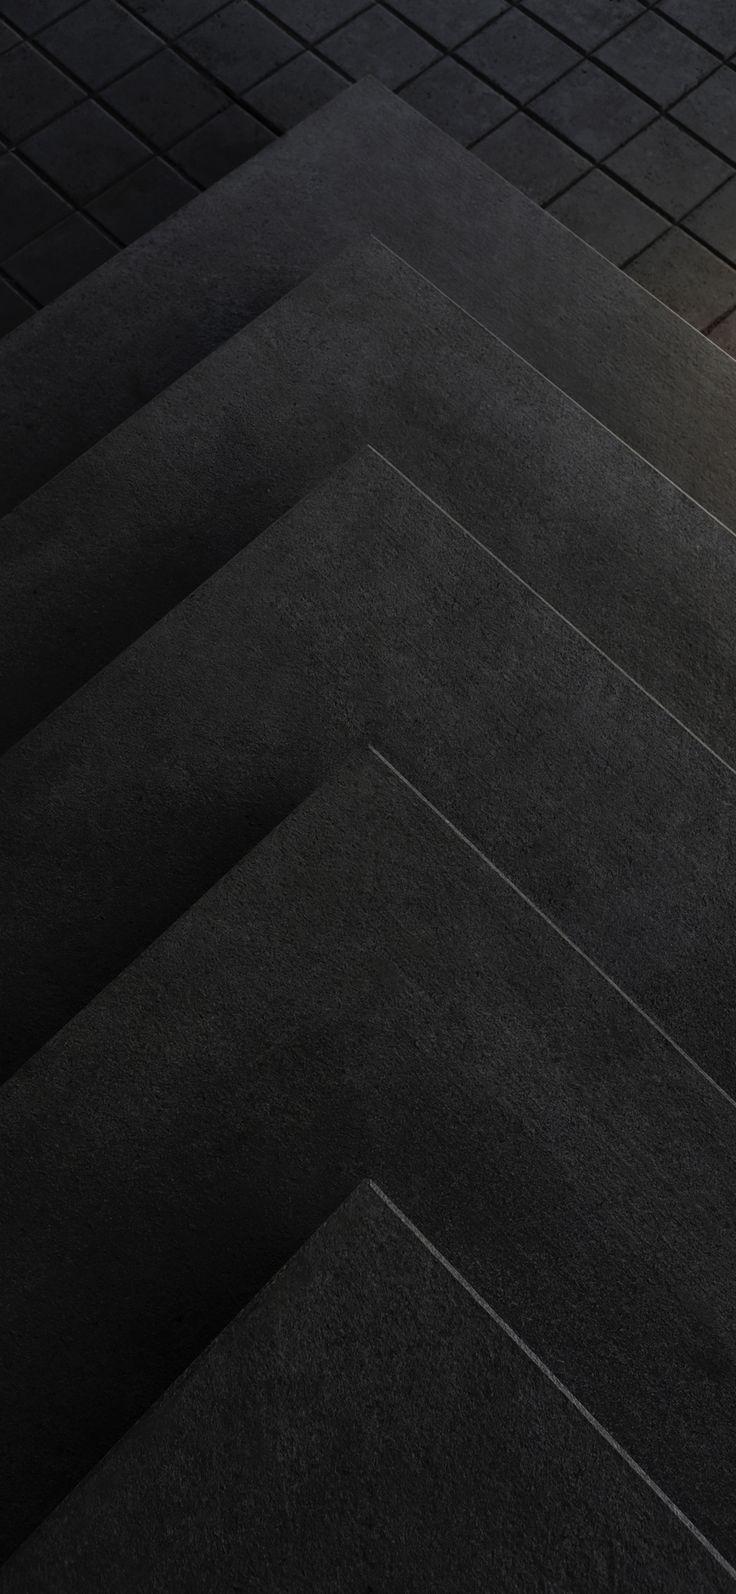 Download Xiaomi Black Shark 2 Wallpapers (37 FHD+ Walls)